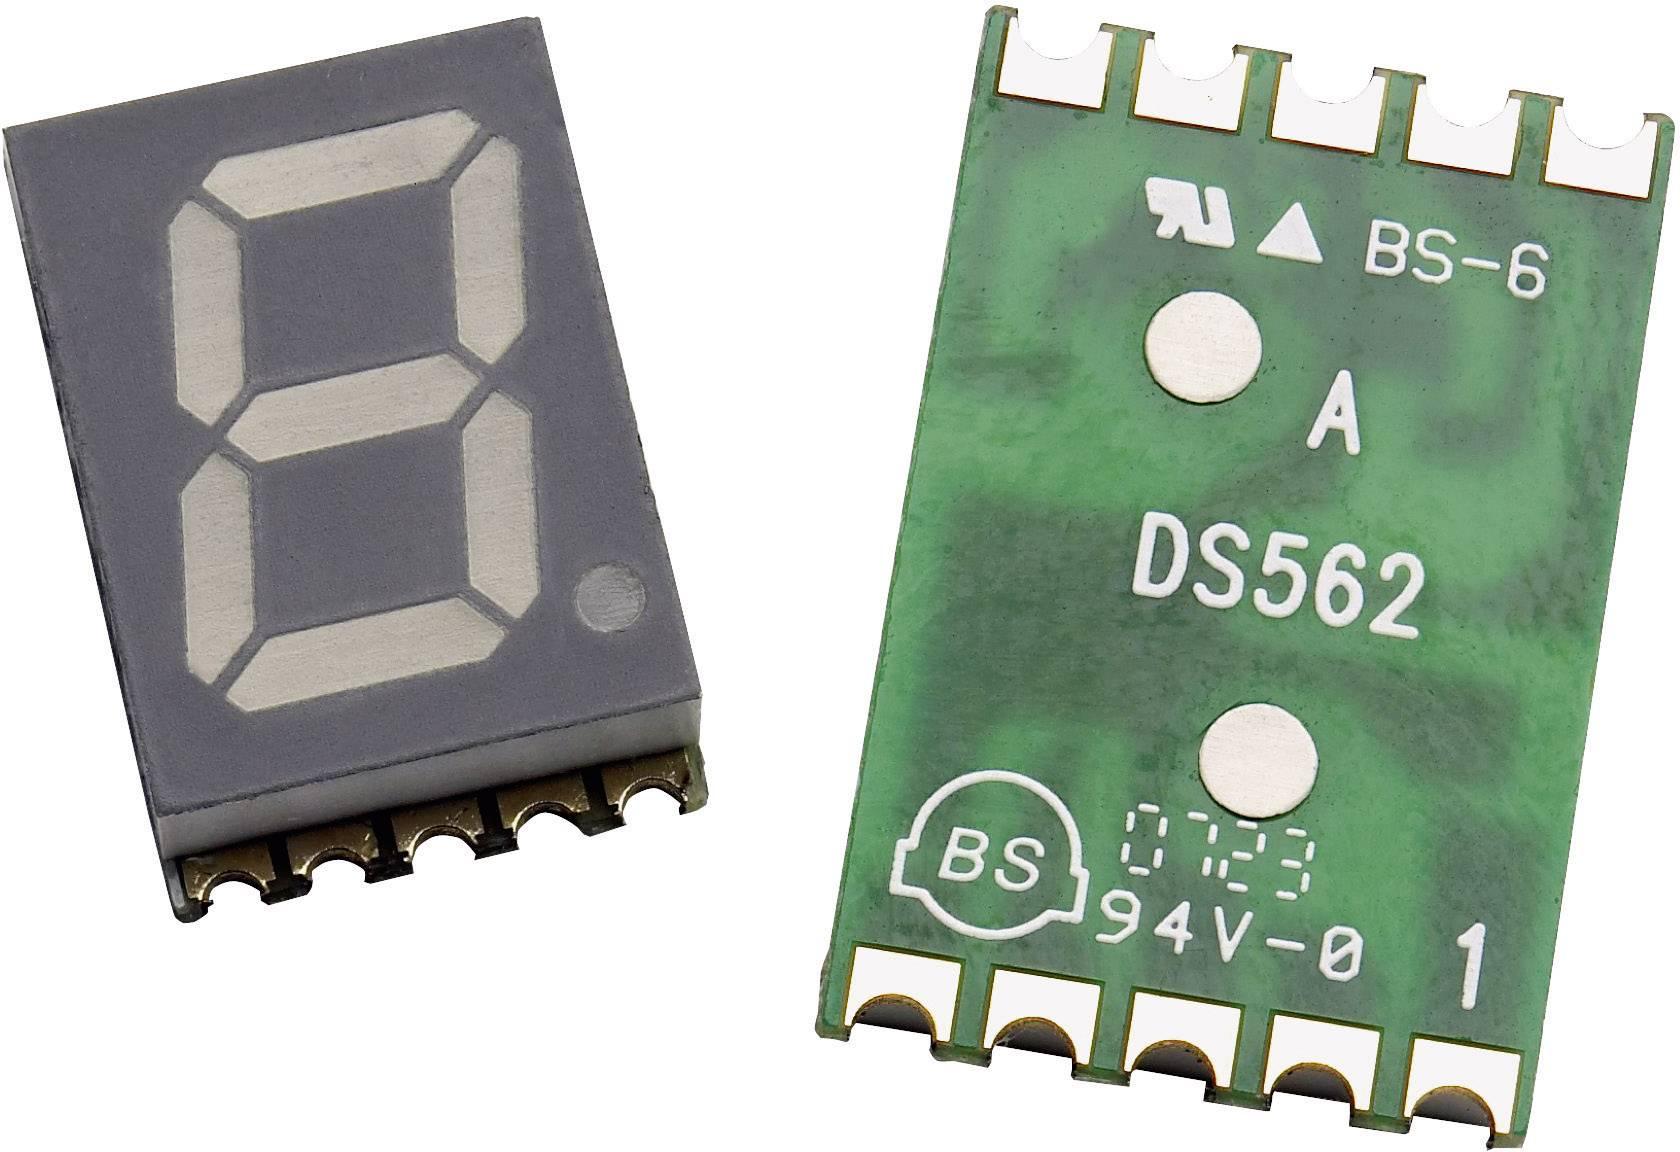 7-segmentový displej Broadcom HDSM-533L, číslic 1, 14.22 mm, 2.1 V, oranžová